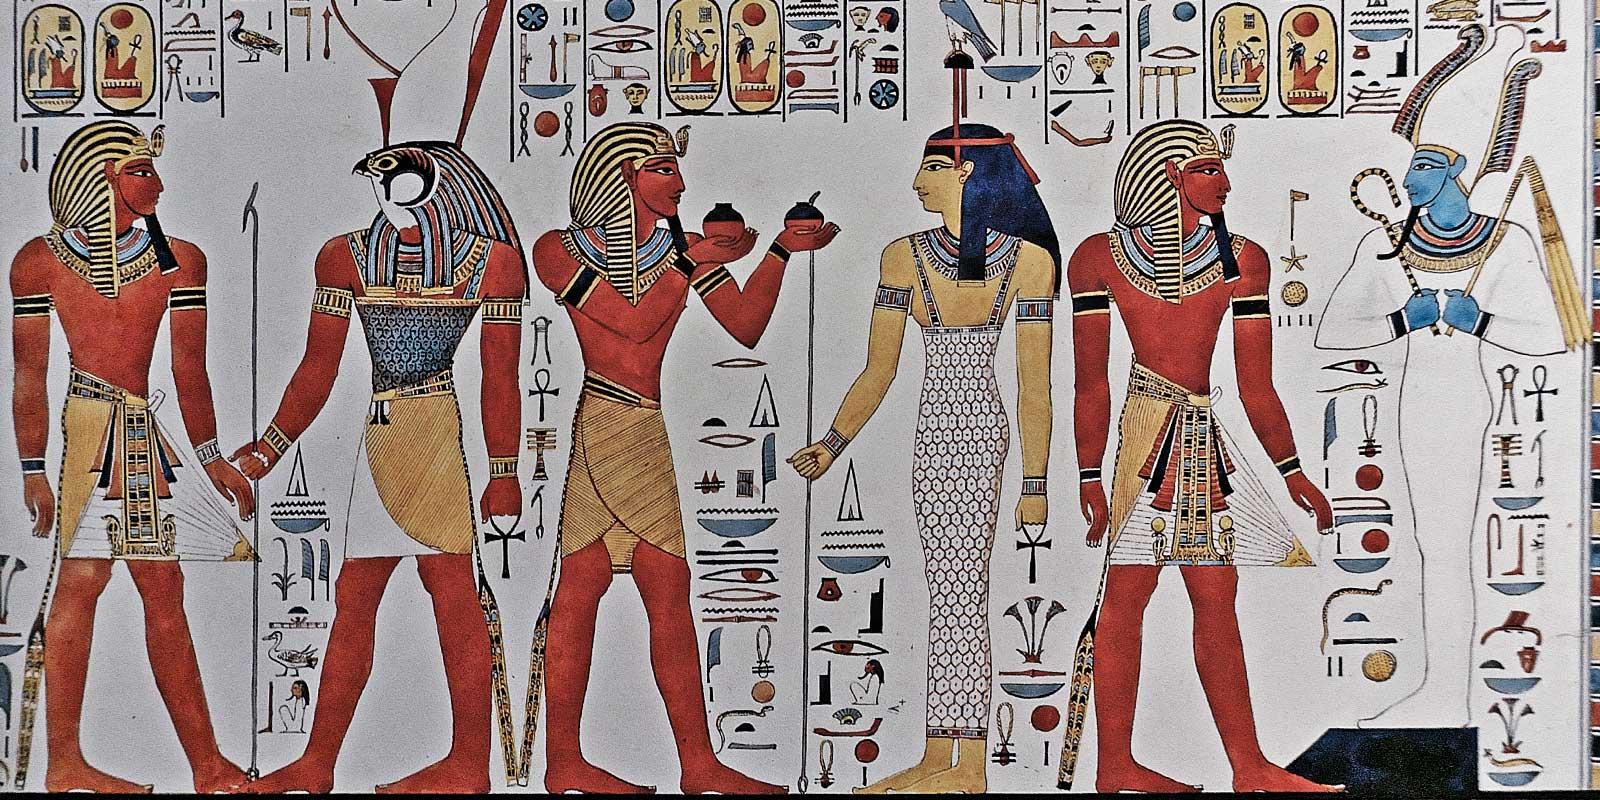 OCOA_TRAVEL_EGYPTO_2021_6